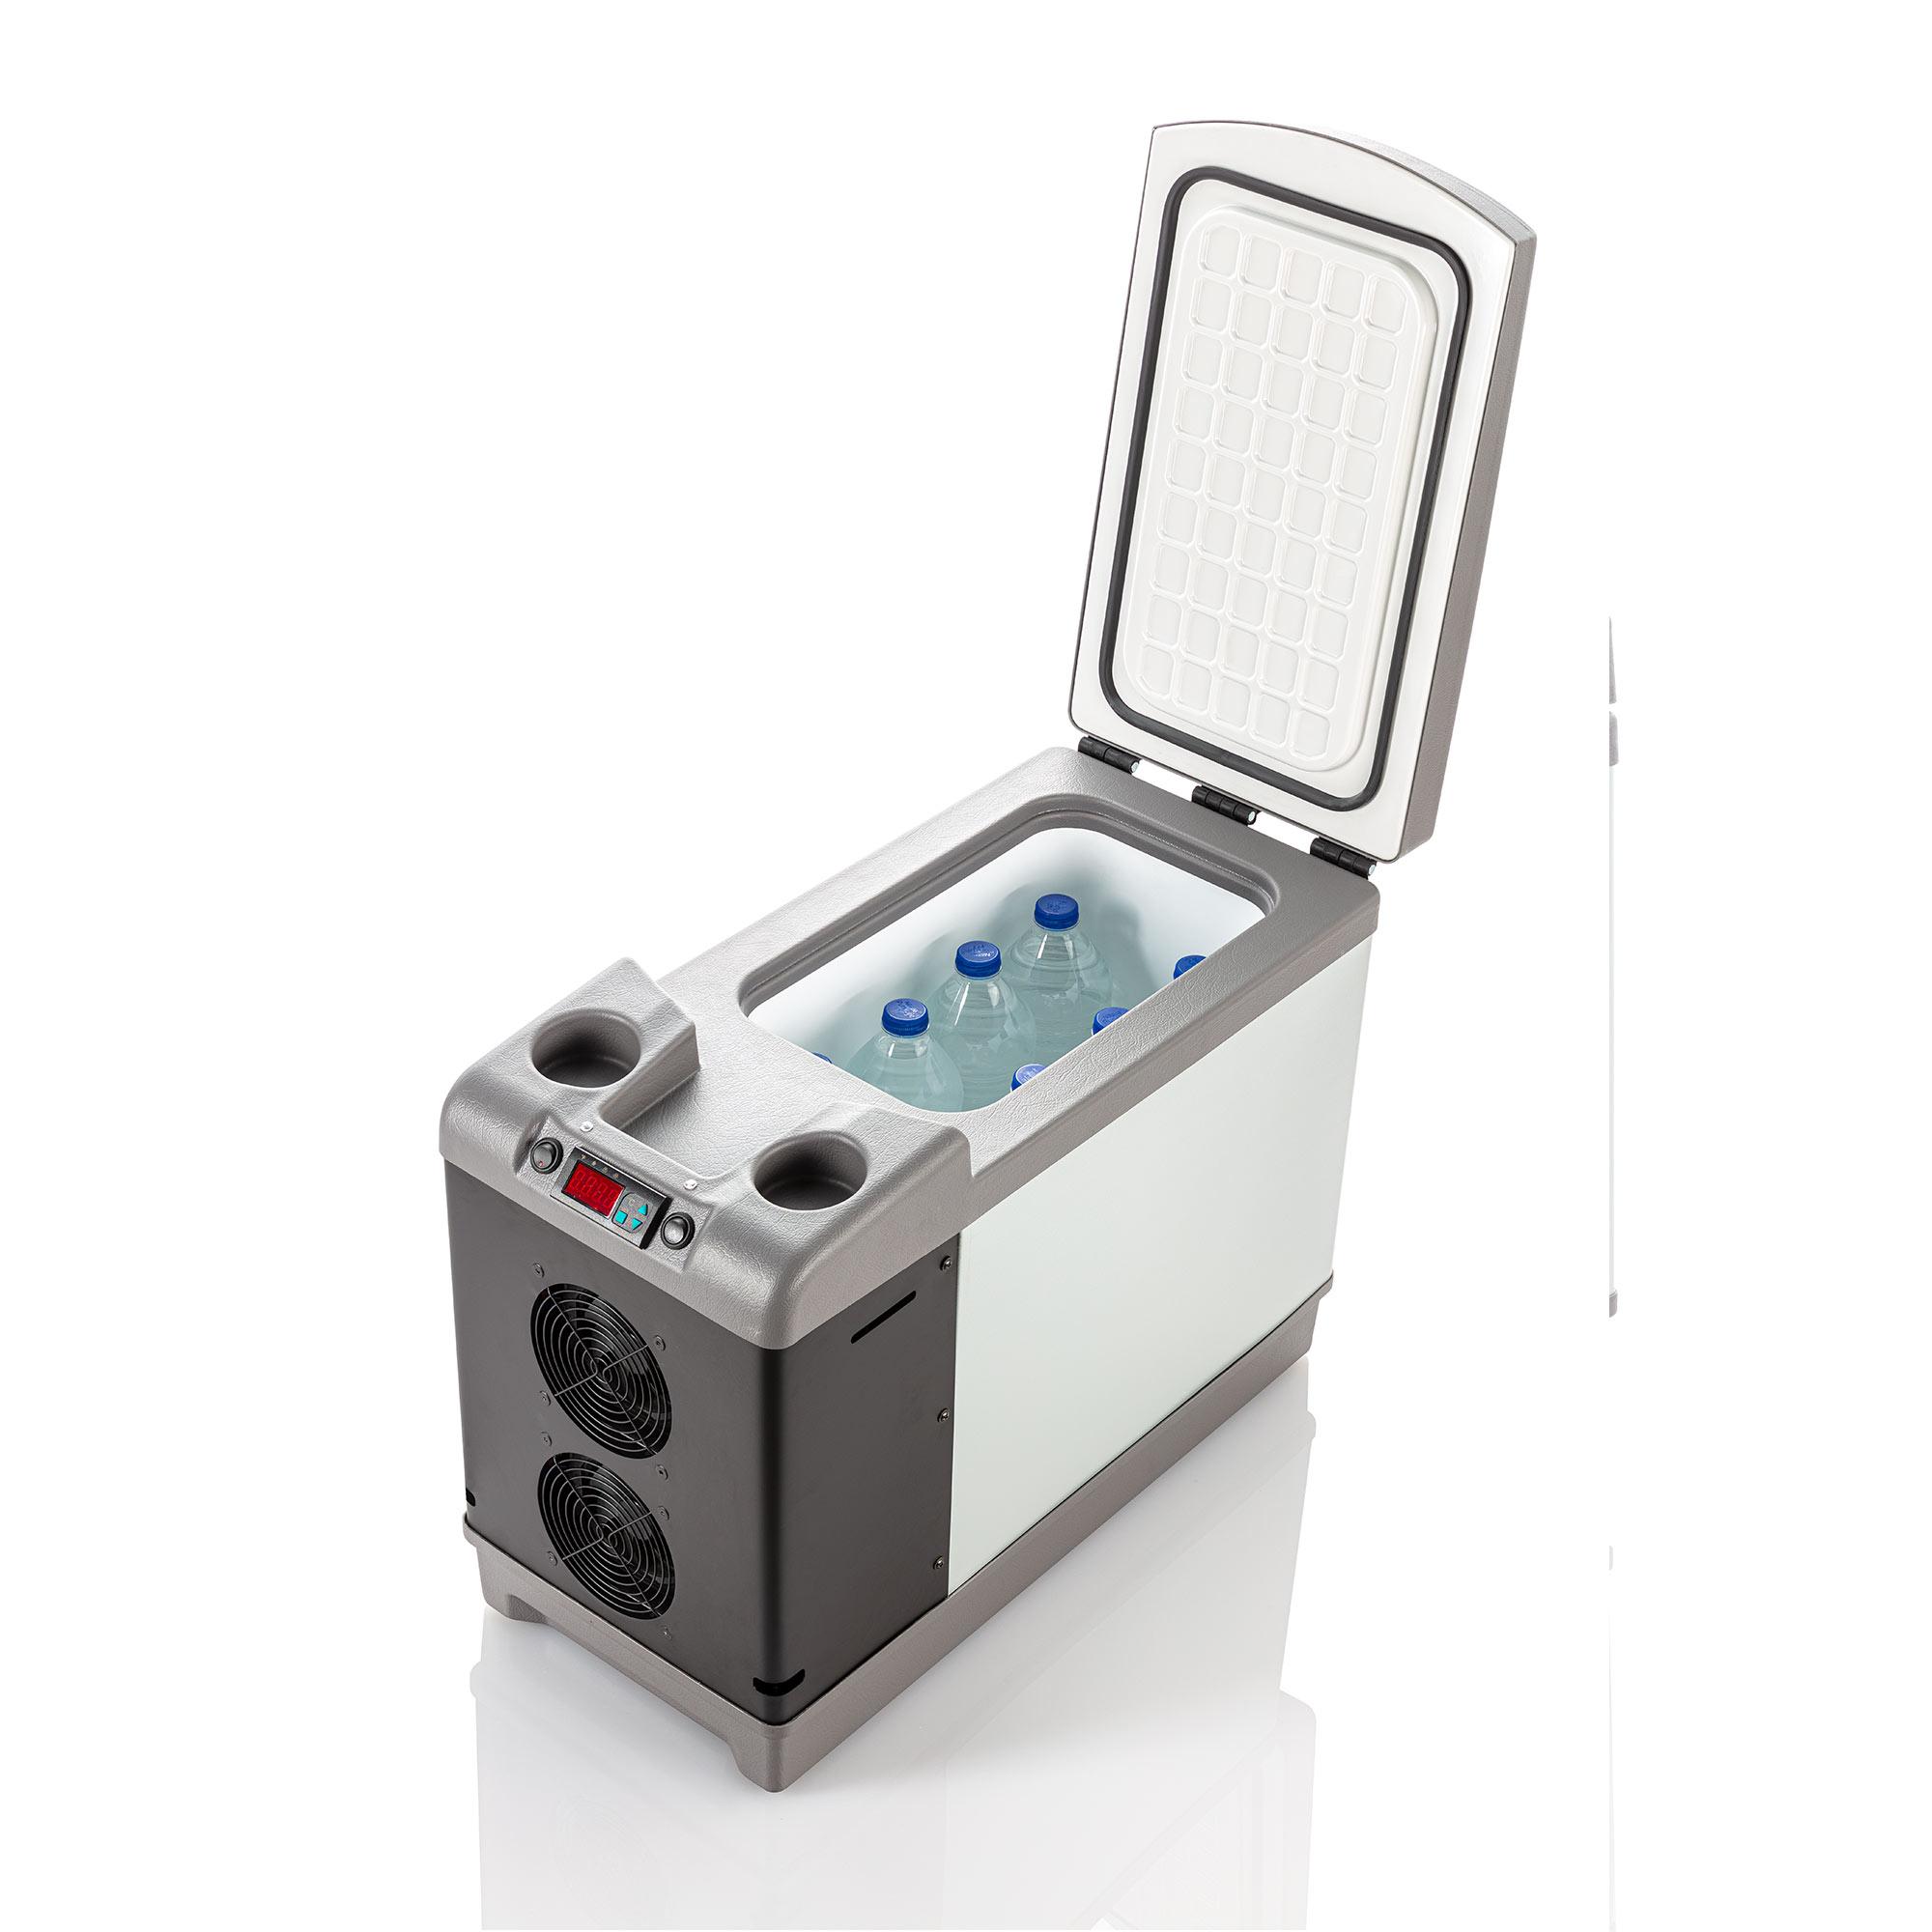 MET 3046 / 28 LT Soğutucu Araç Buzdolabı